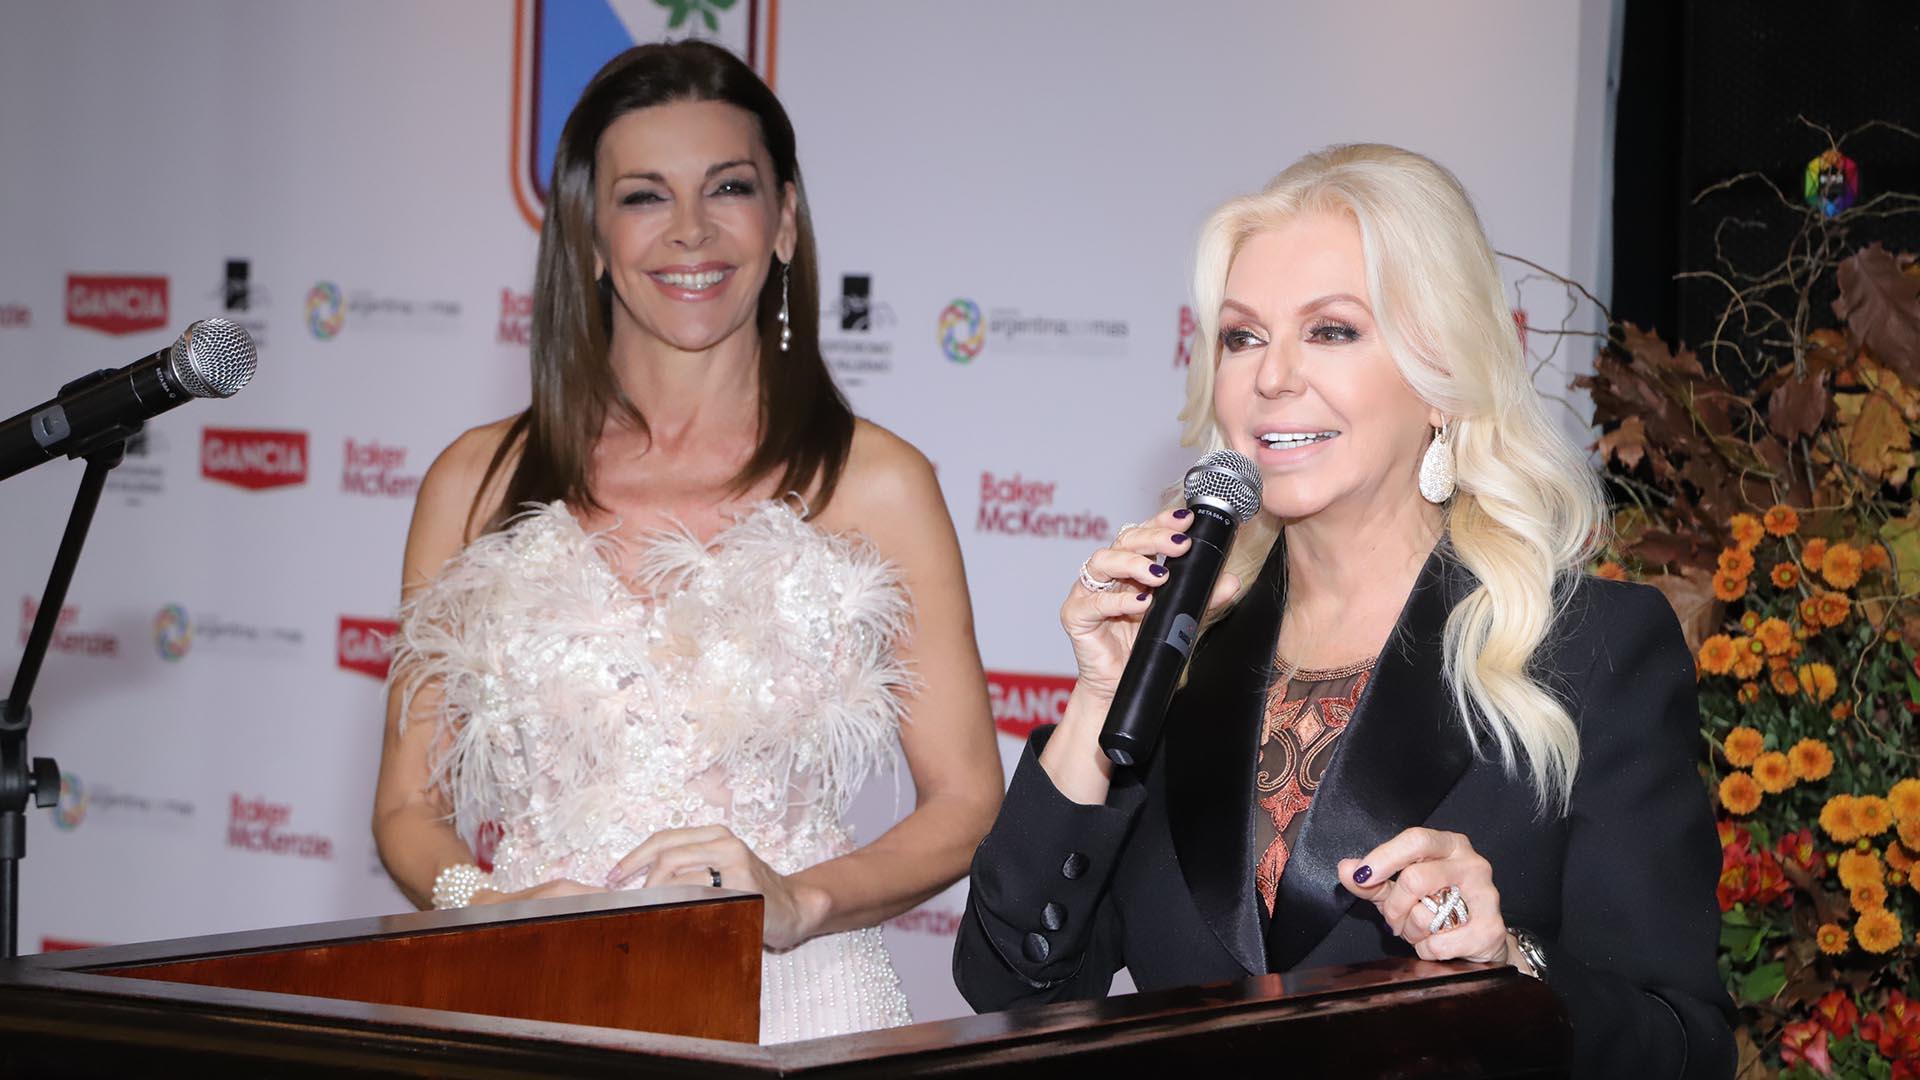 Diana Chugri anunció que lo recaudado en el desfile será destinado a la remodelación y renovación de la Sala de Maternidad del Hospital Rivadavia